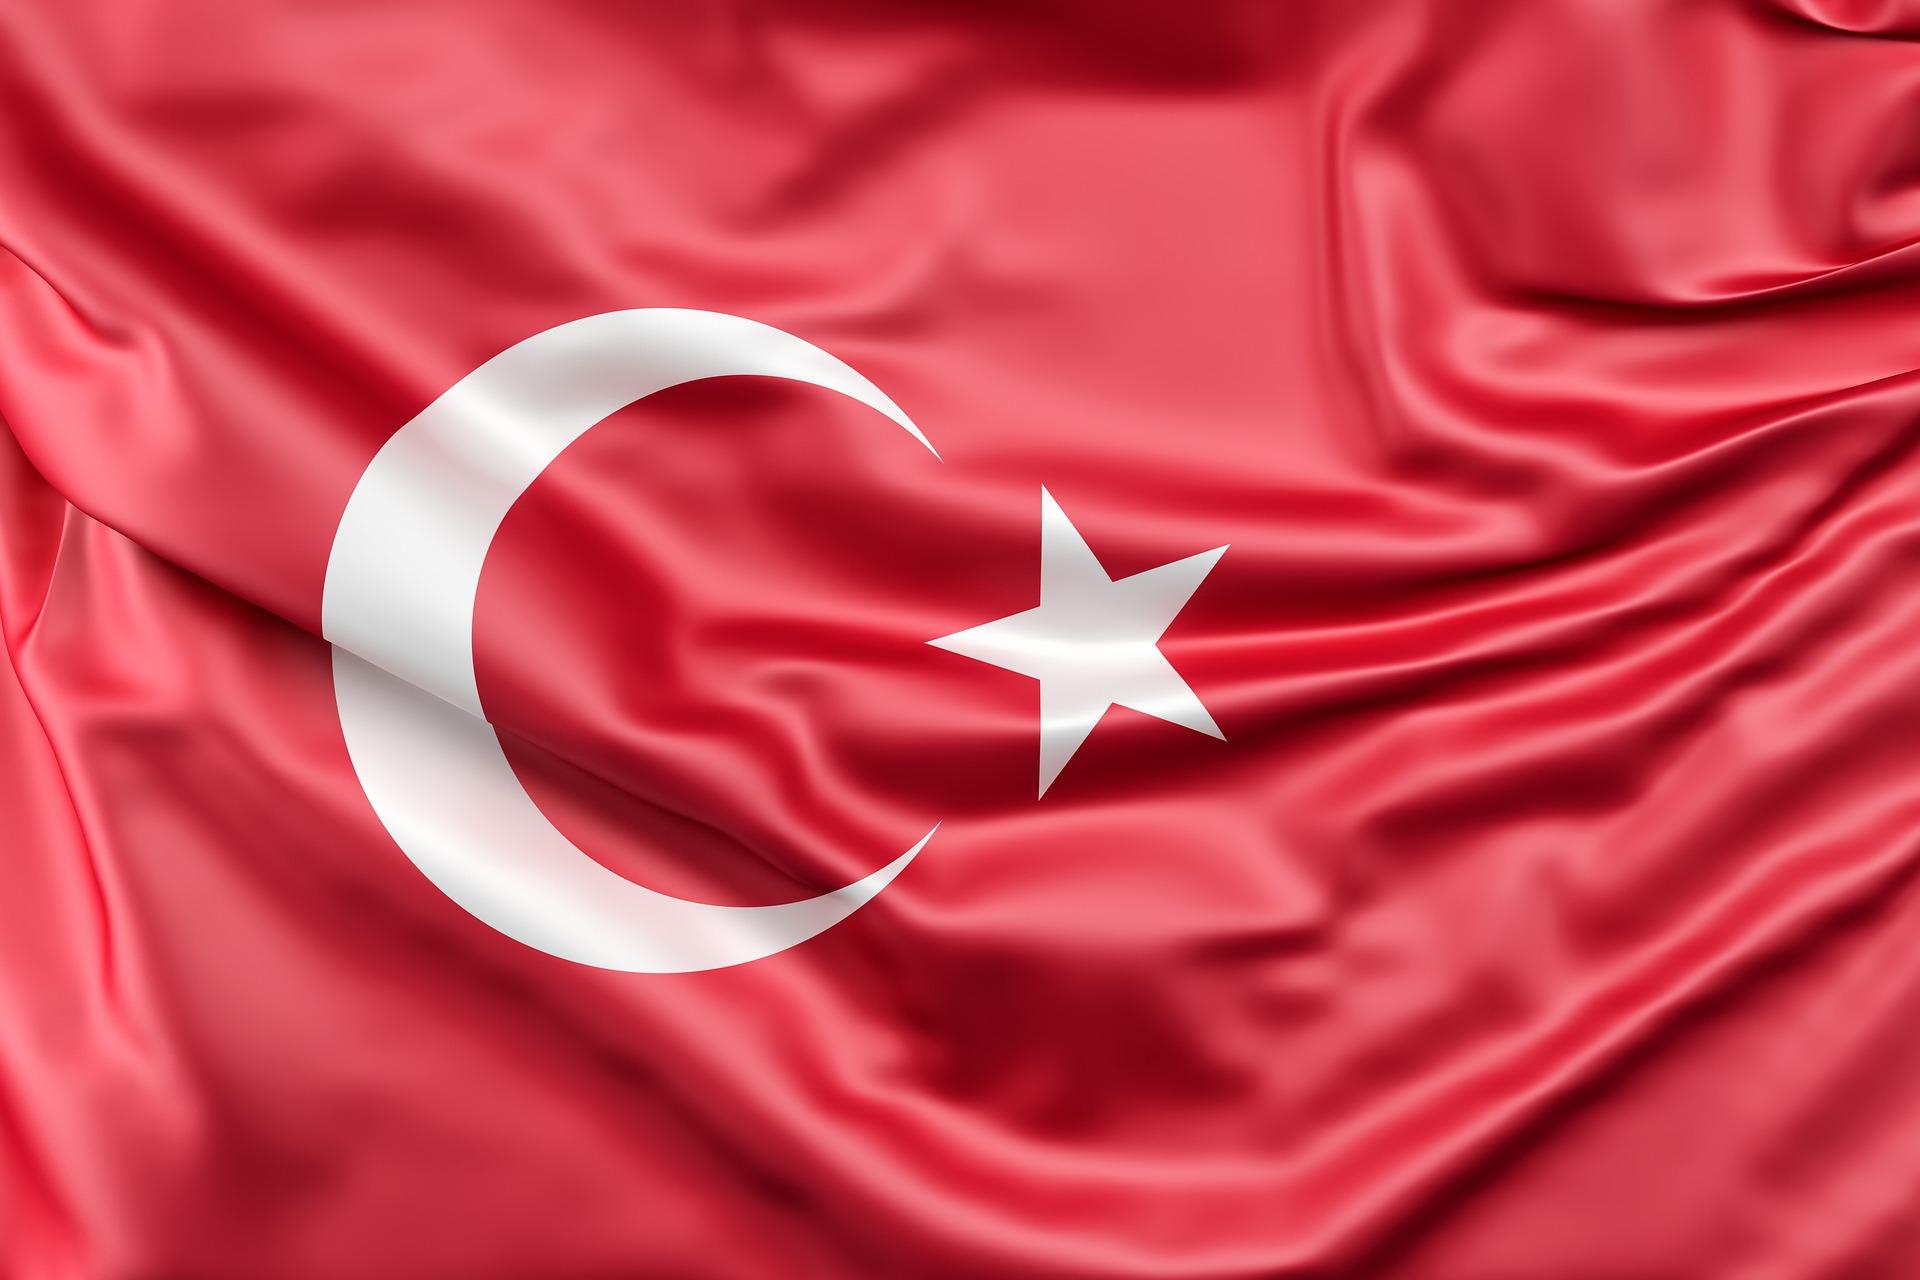 Turcja - flaga